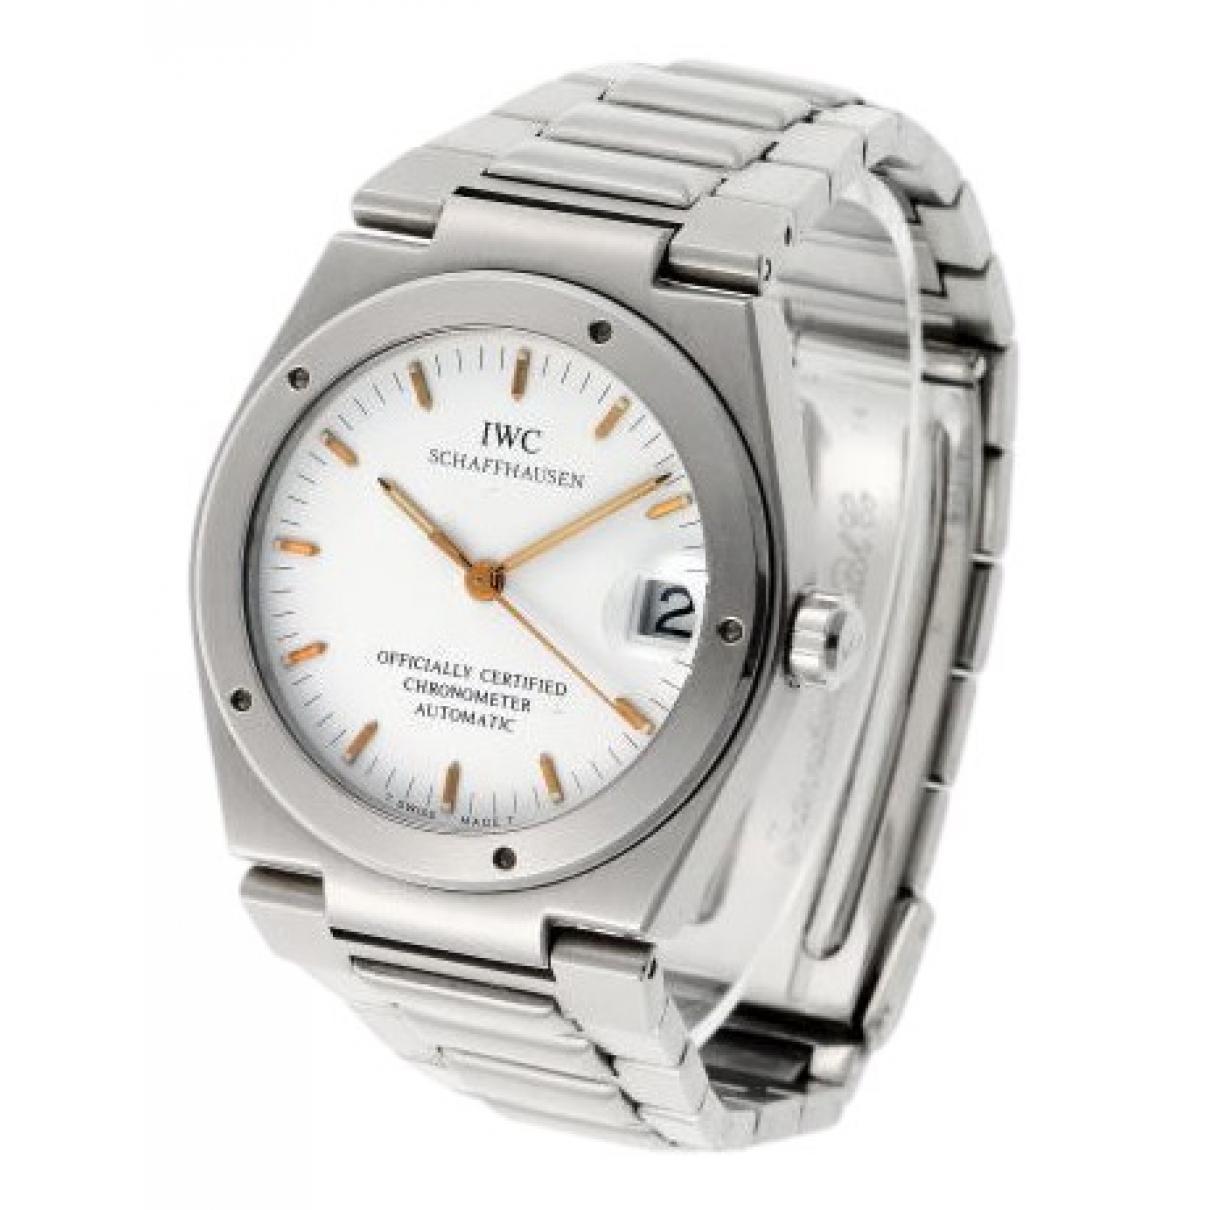 Iwc \N Uhr in  Silber Stahl